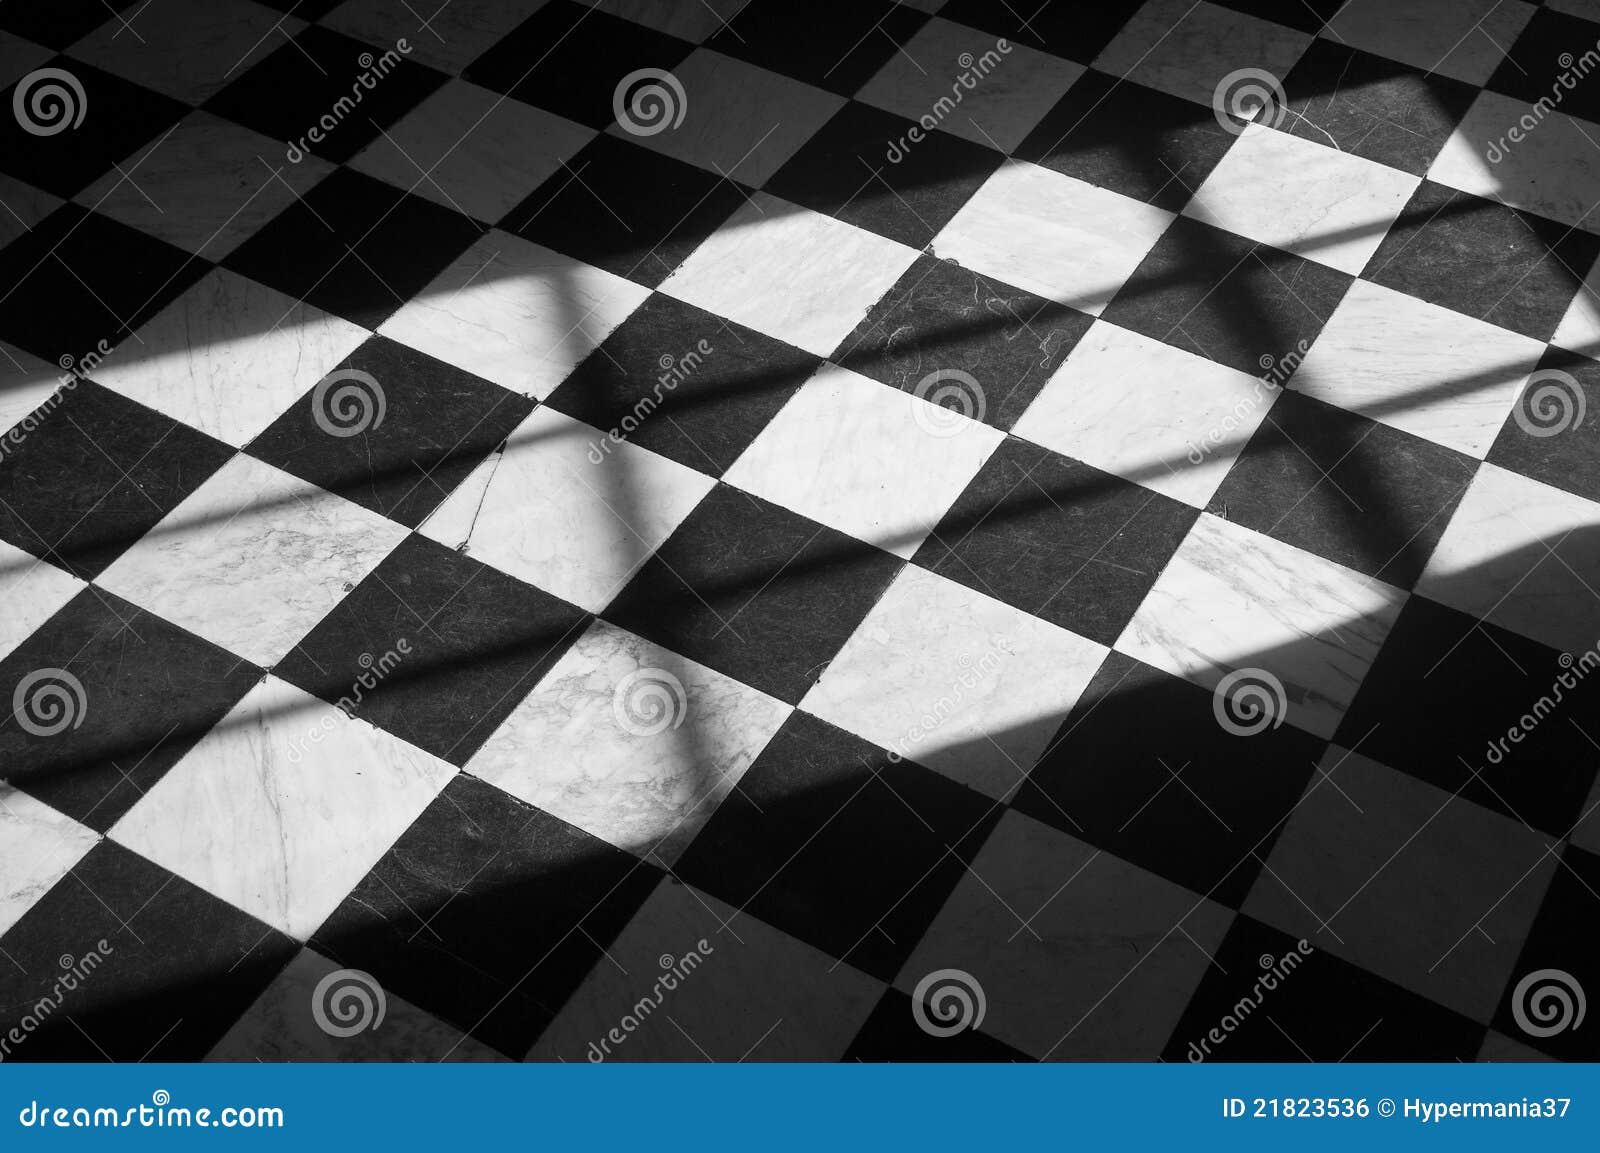 Marmeren tegelvloer stock foto afbeelding bestaande uit frame 21823536 - Tegelvloer patroon ...